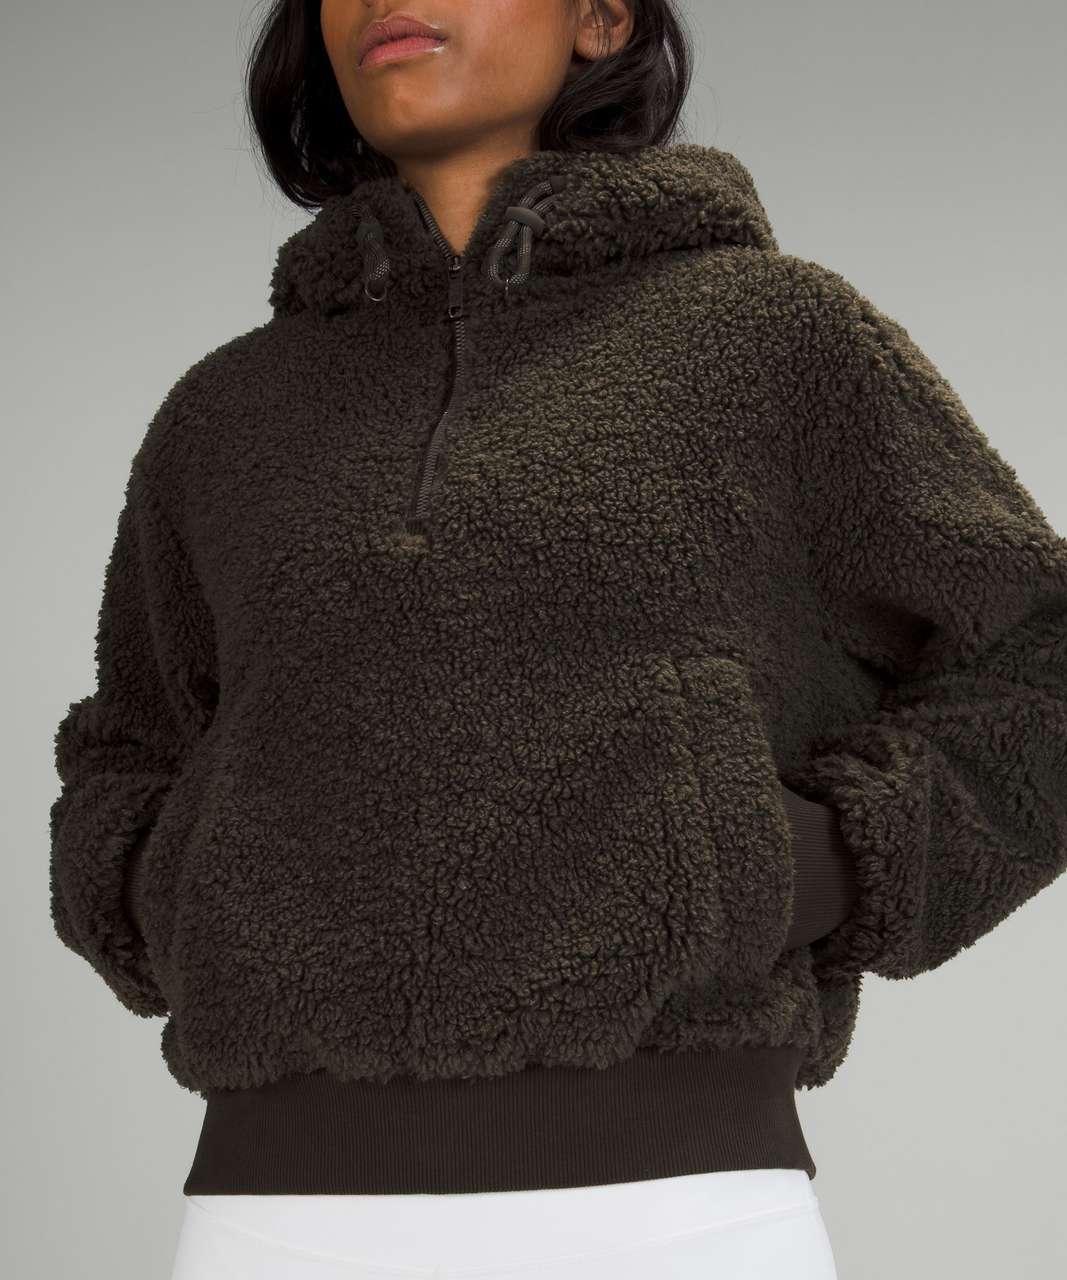 Lululemon Textured Fleece 1/2 Zip - Dark Olive